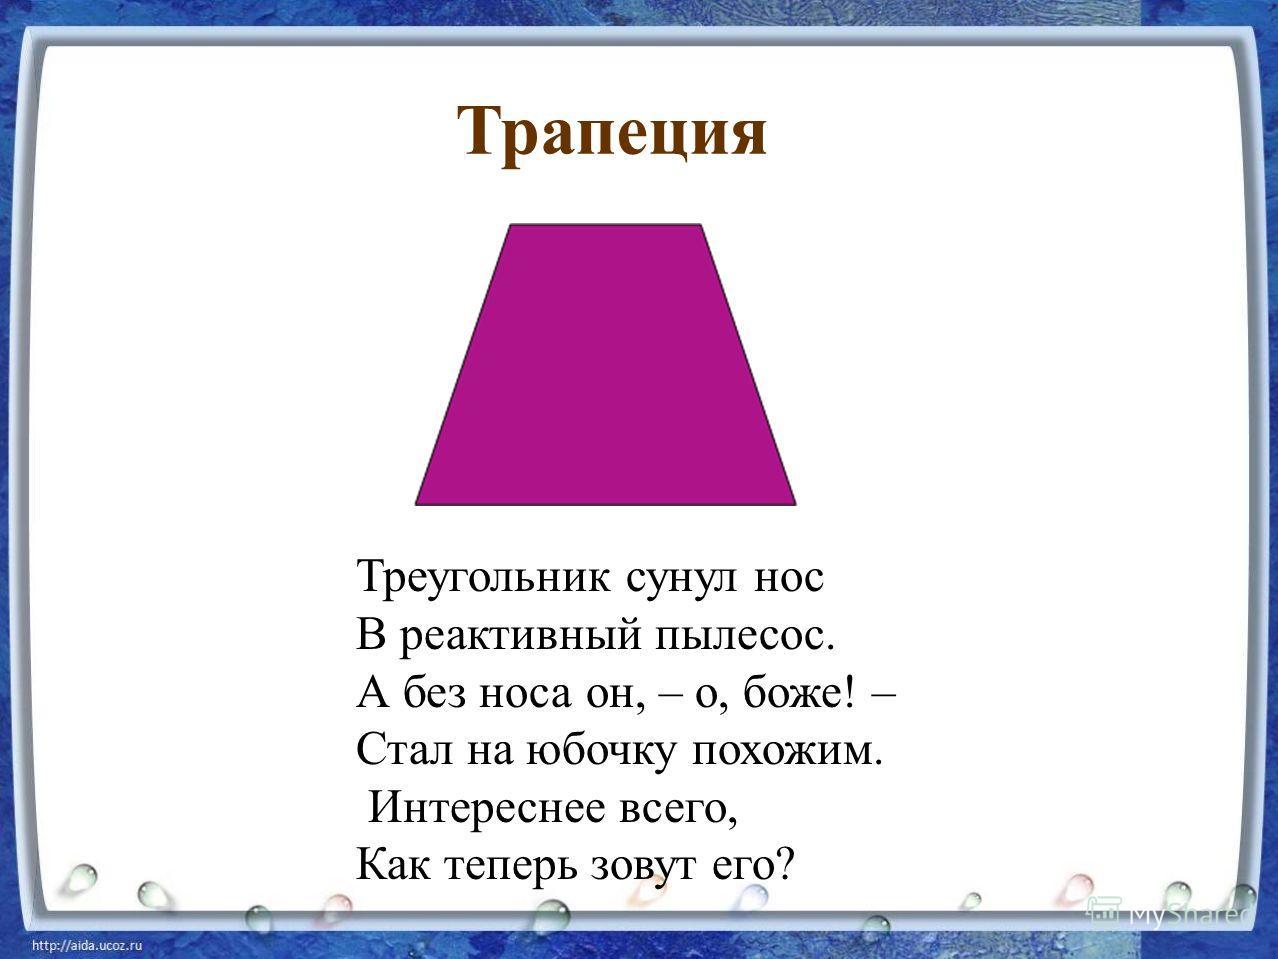 Треугольник сунул нос В реактивный пылесос. А без носа он, – о, боже! – Стал на юбочку похожим. Интереснее всего, Как теперь зовут его? Трапеция